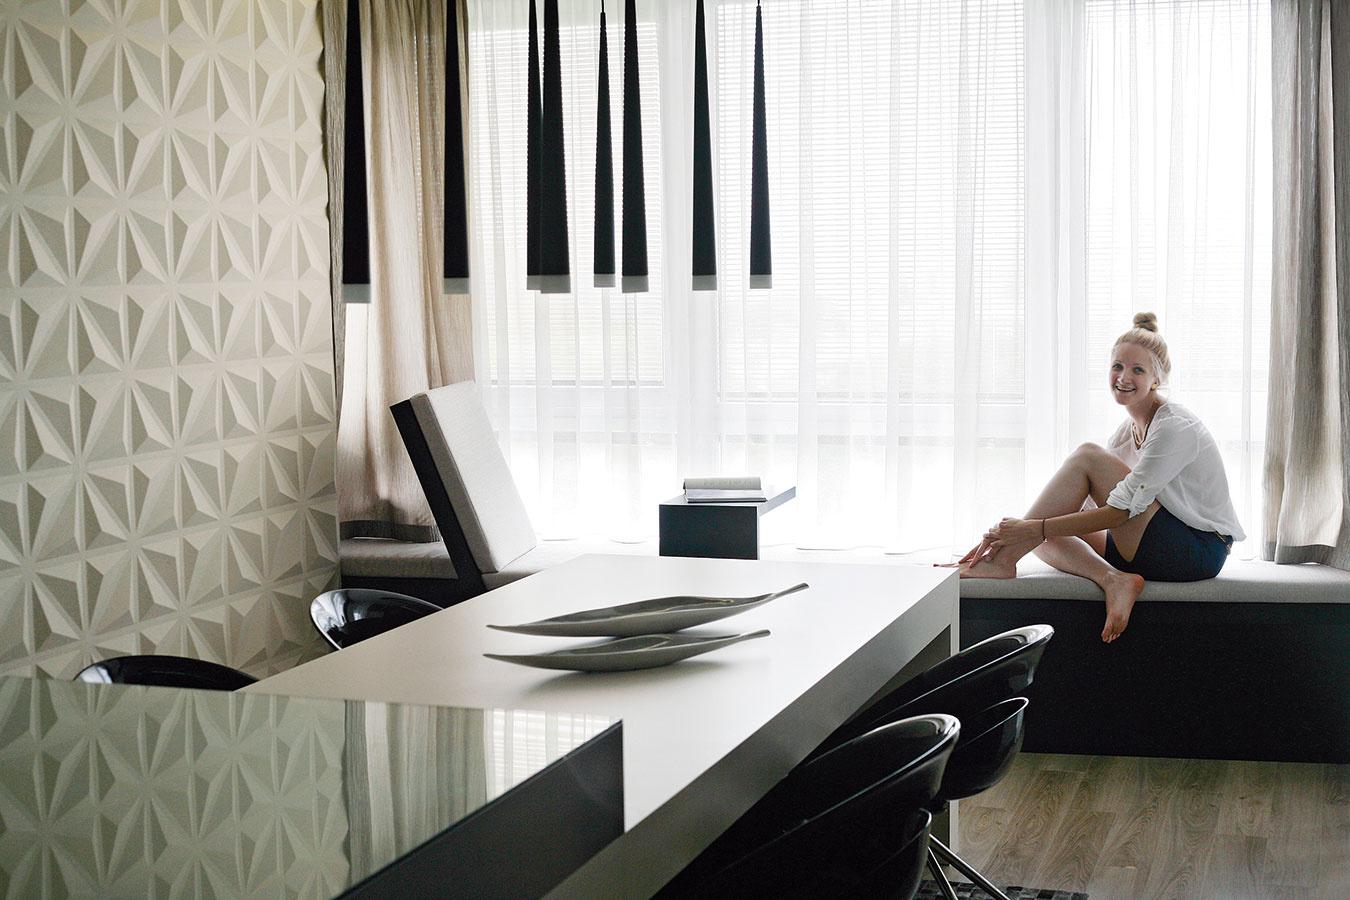 Sedenie pod oknom je pracovným kútikom, no zároveň aj elegantným oddychovým miestom svýhľadom na mesto.